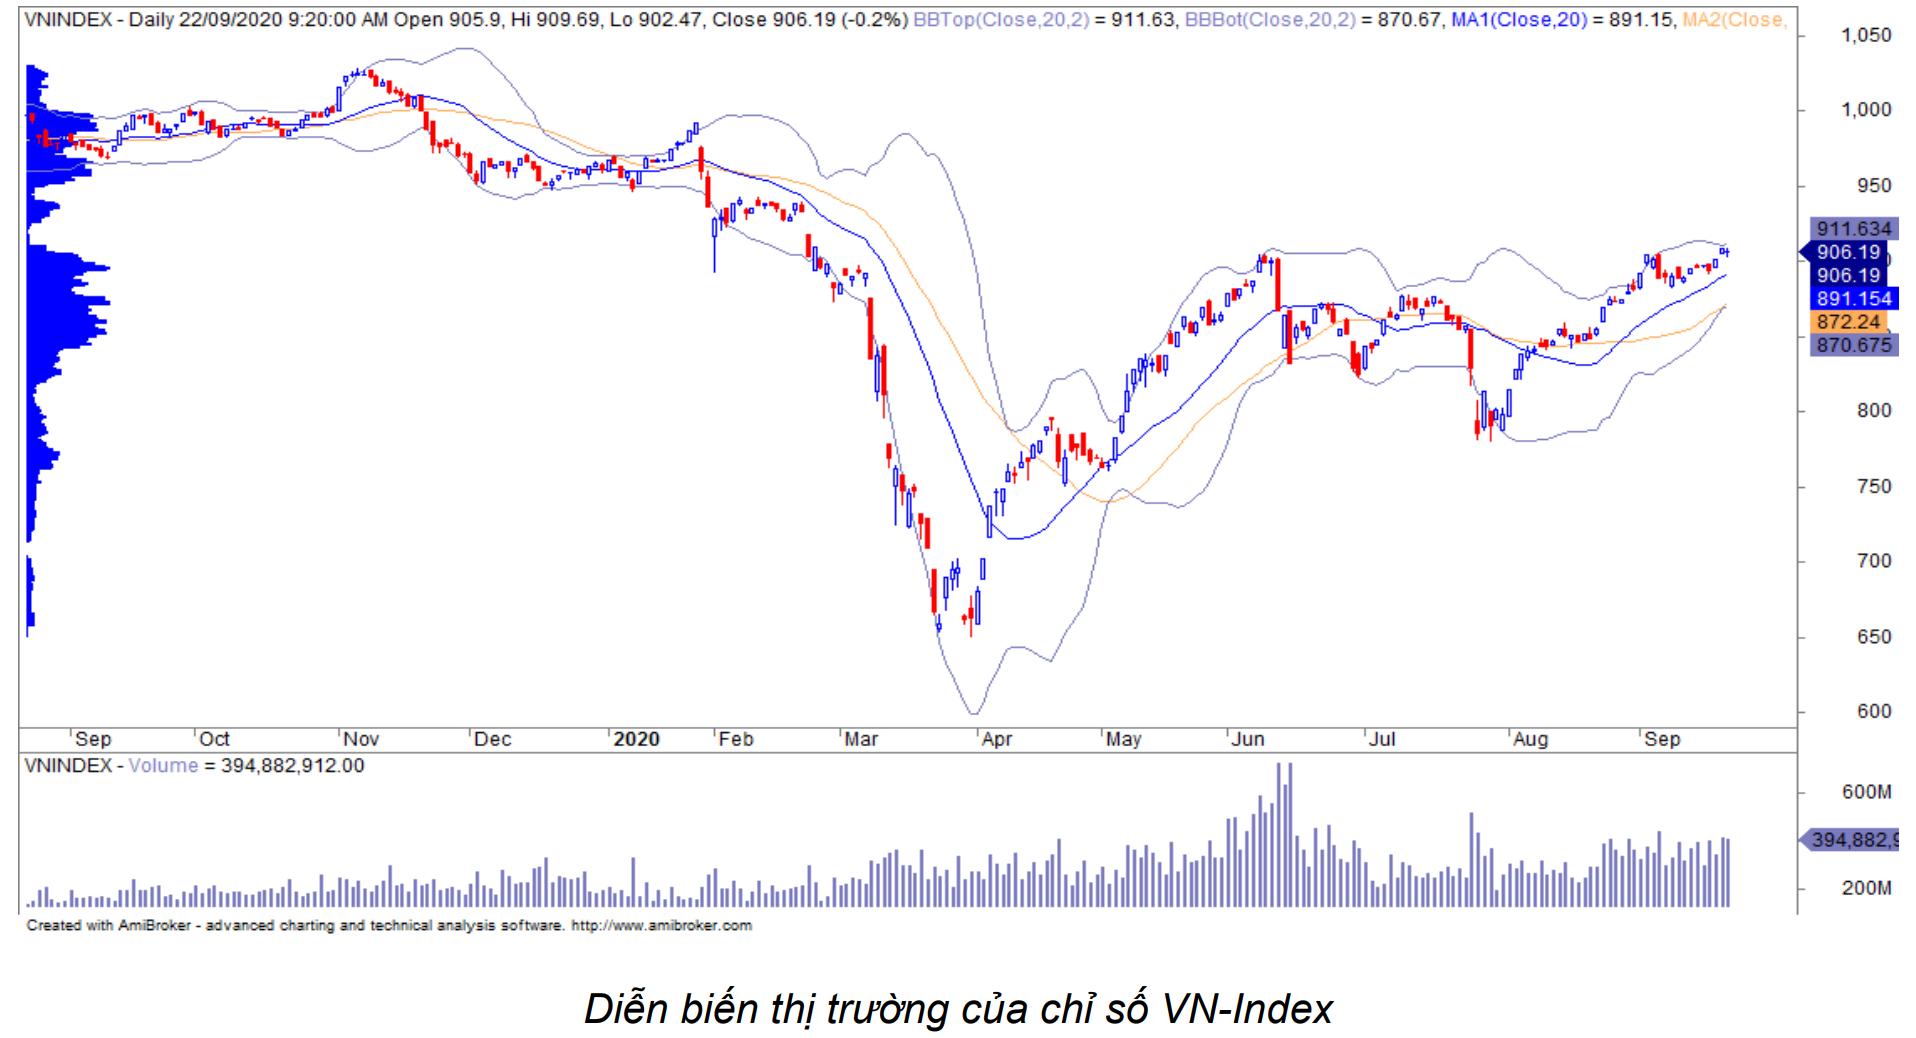 Nhận định thị trường chứng khoán ngày 23/9: Vượt mốc 910 điểm - Ảnh 1.